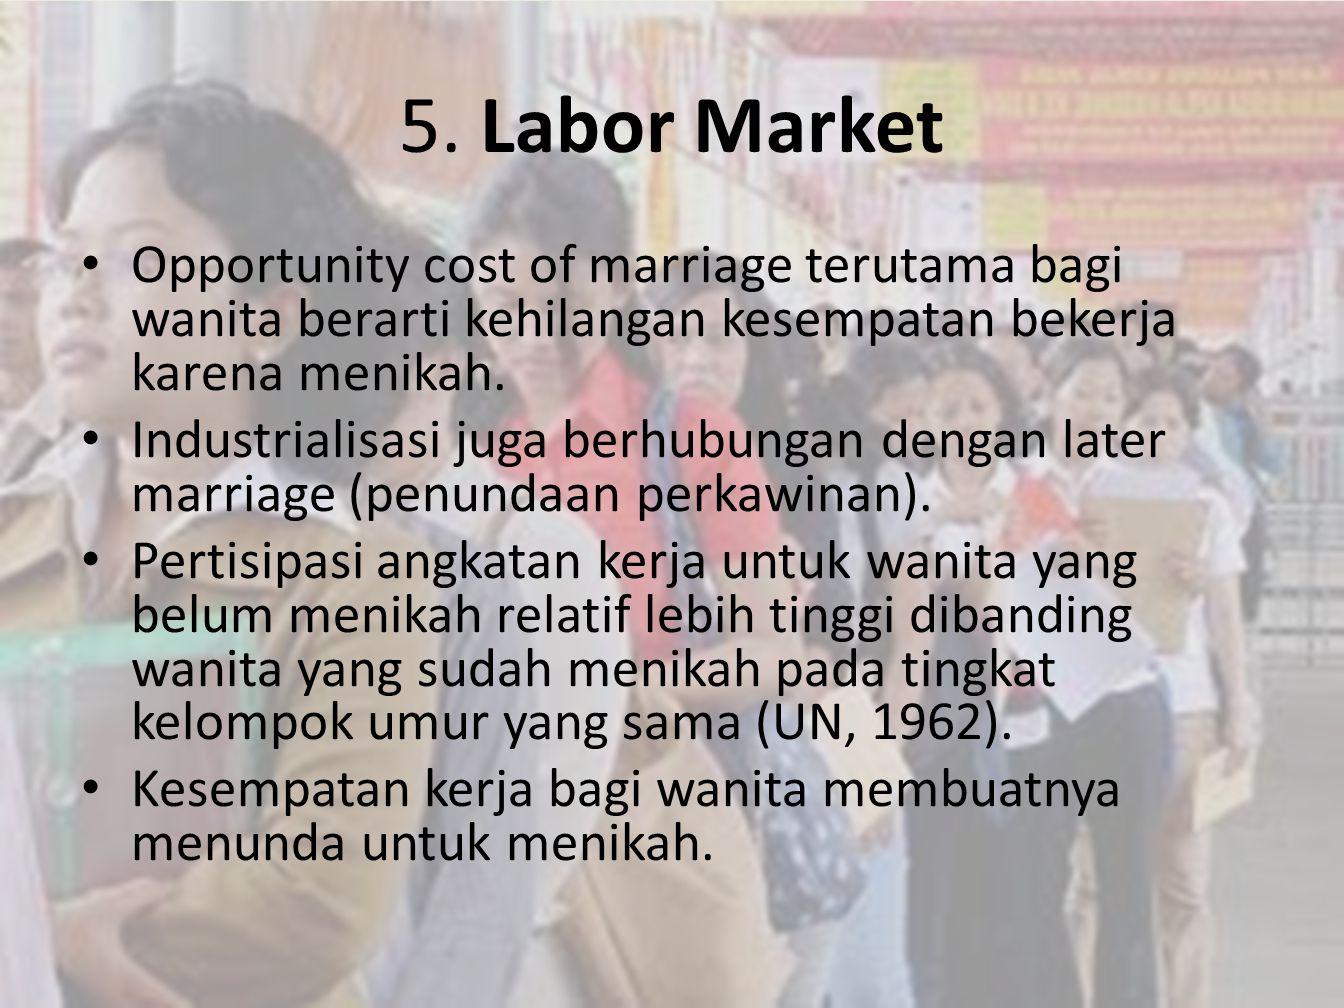 5. Labor Market Opportunity cost of marriage terutama bagi wanita berarti kehilangan kesempatan bekerja karena menikah.